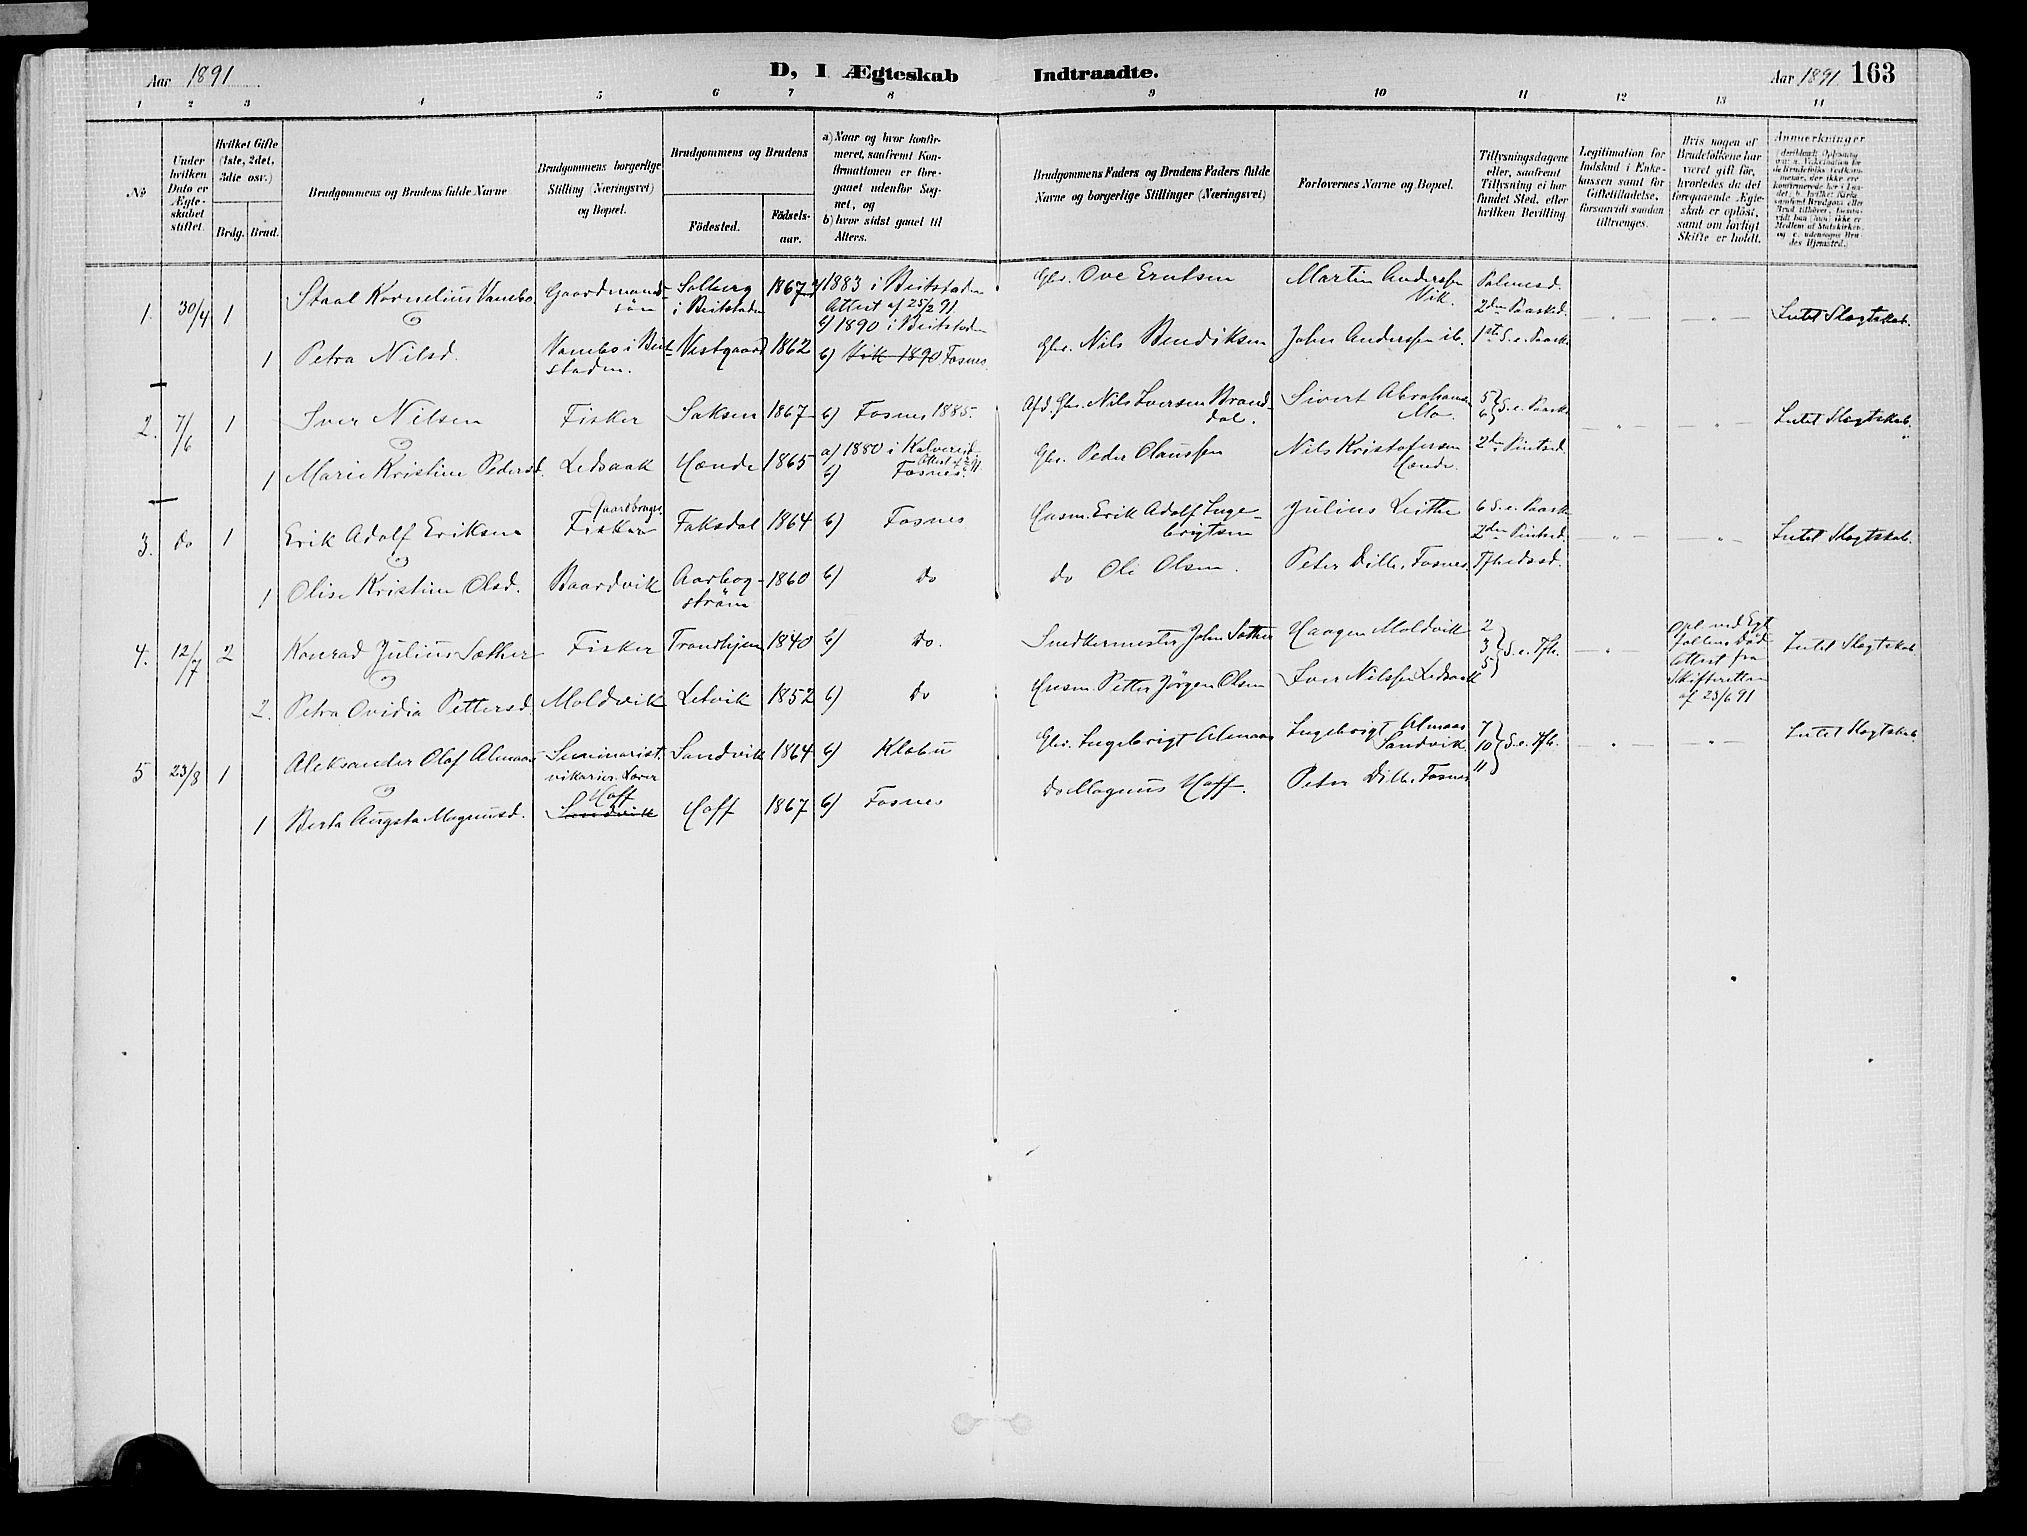 SAT, Ministerialprotokoller, klokkerbøker og fødselsregistre - Nord-Trøndelag, 773/L0617: Ministerialbok nr. 773A08, 1887-1910, s. 163